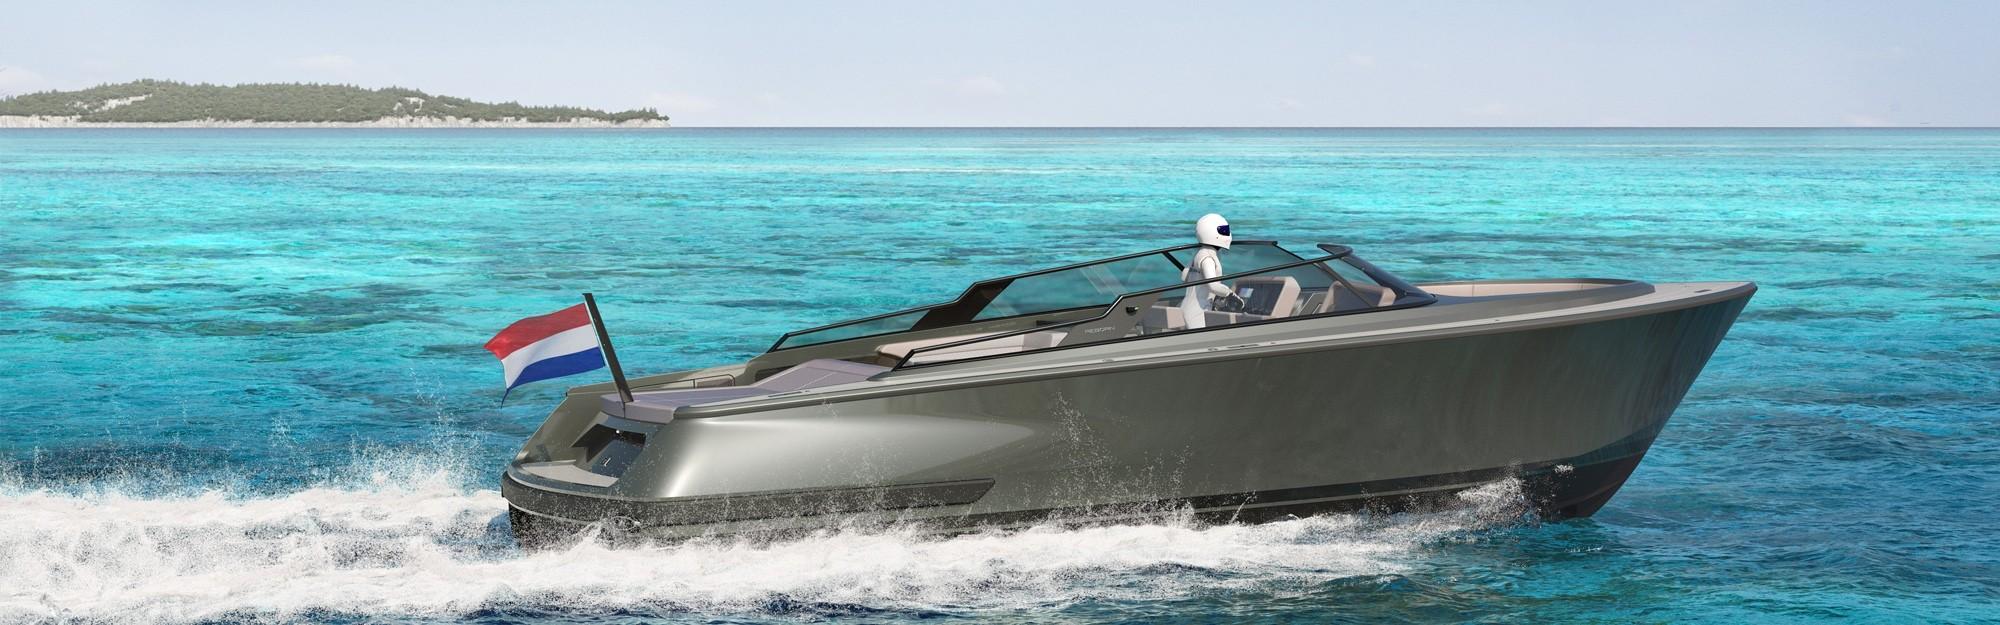 Reborn-Yachts-38-Bowrider_2